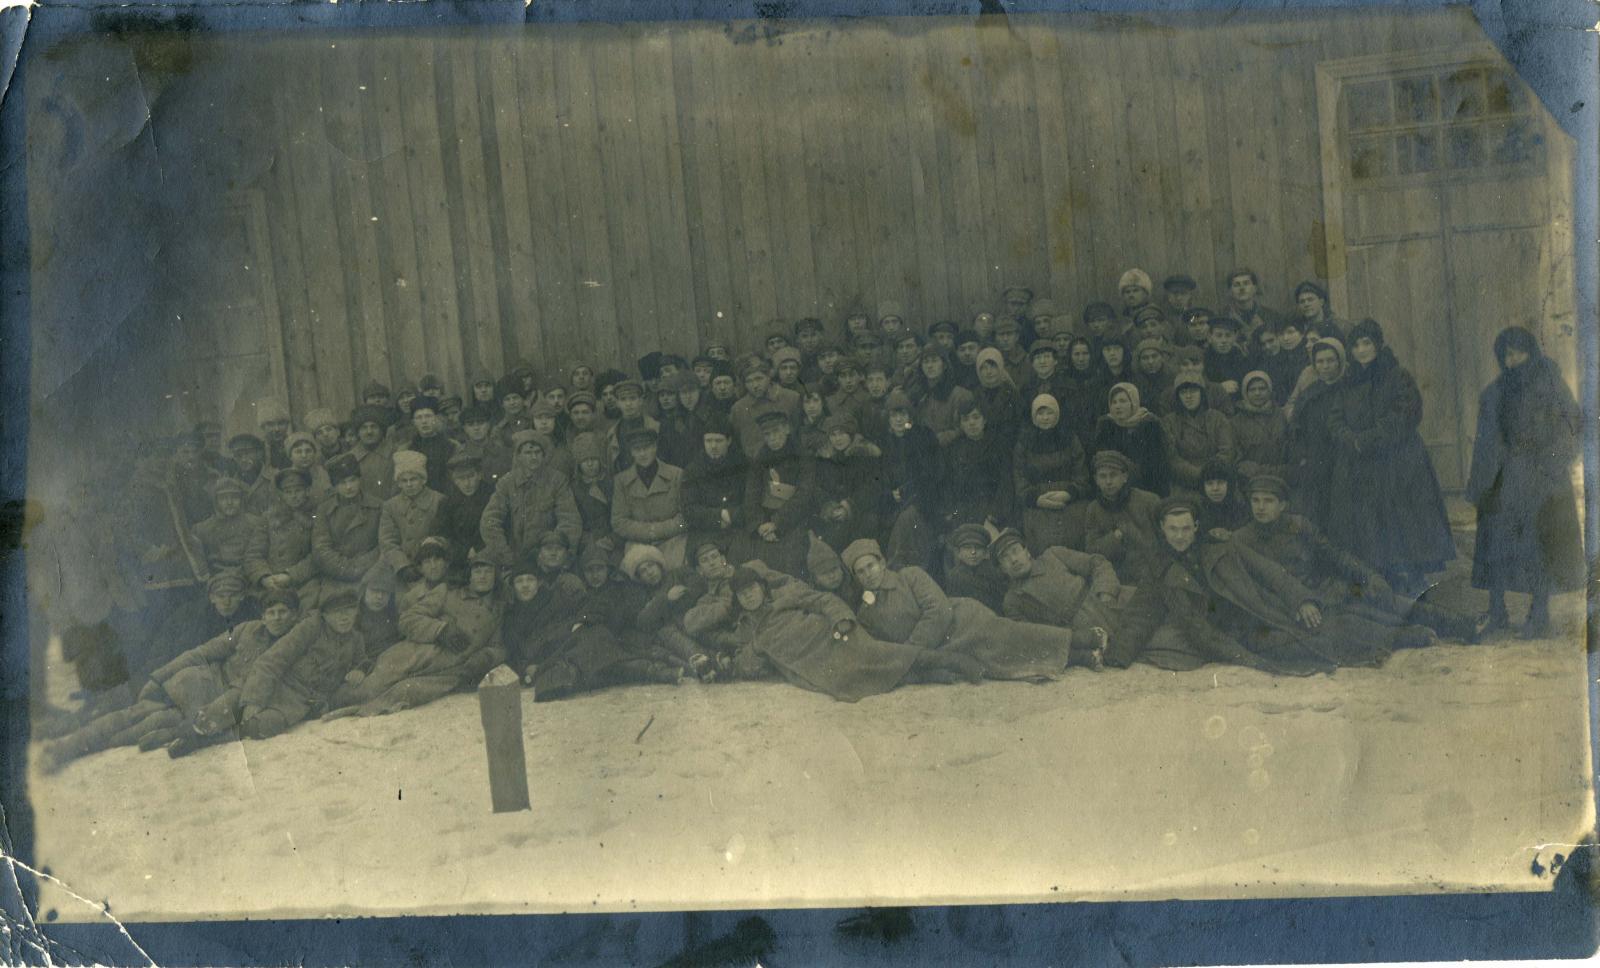 1921. Групповое фото сотрудников Гомельского Губ ЧК, г. Гомель, 27.11.